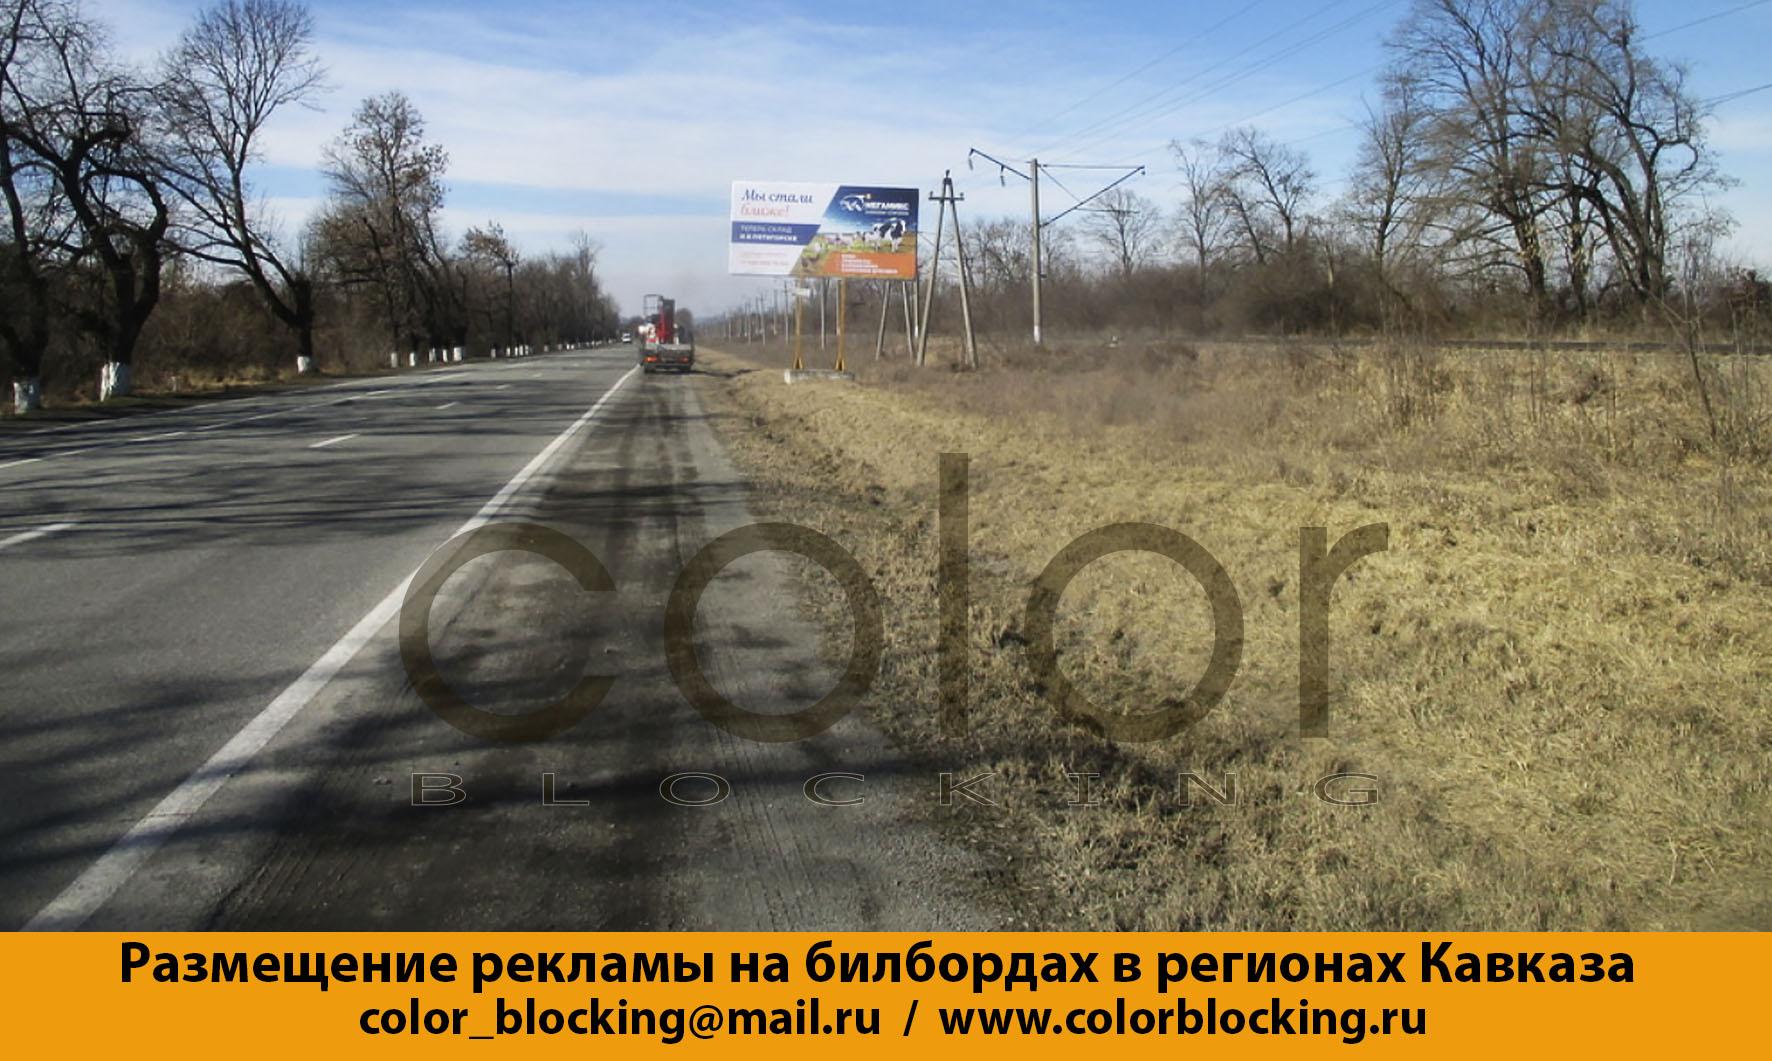 Реклама на билбордах на Кавказе Владикавказ